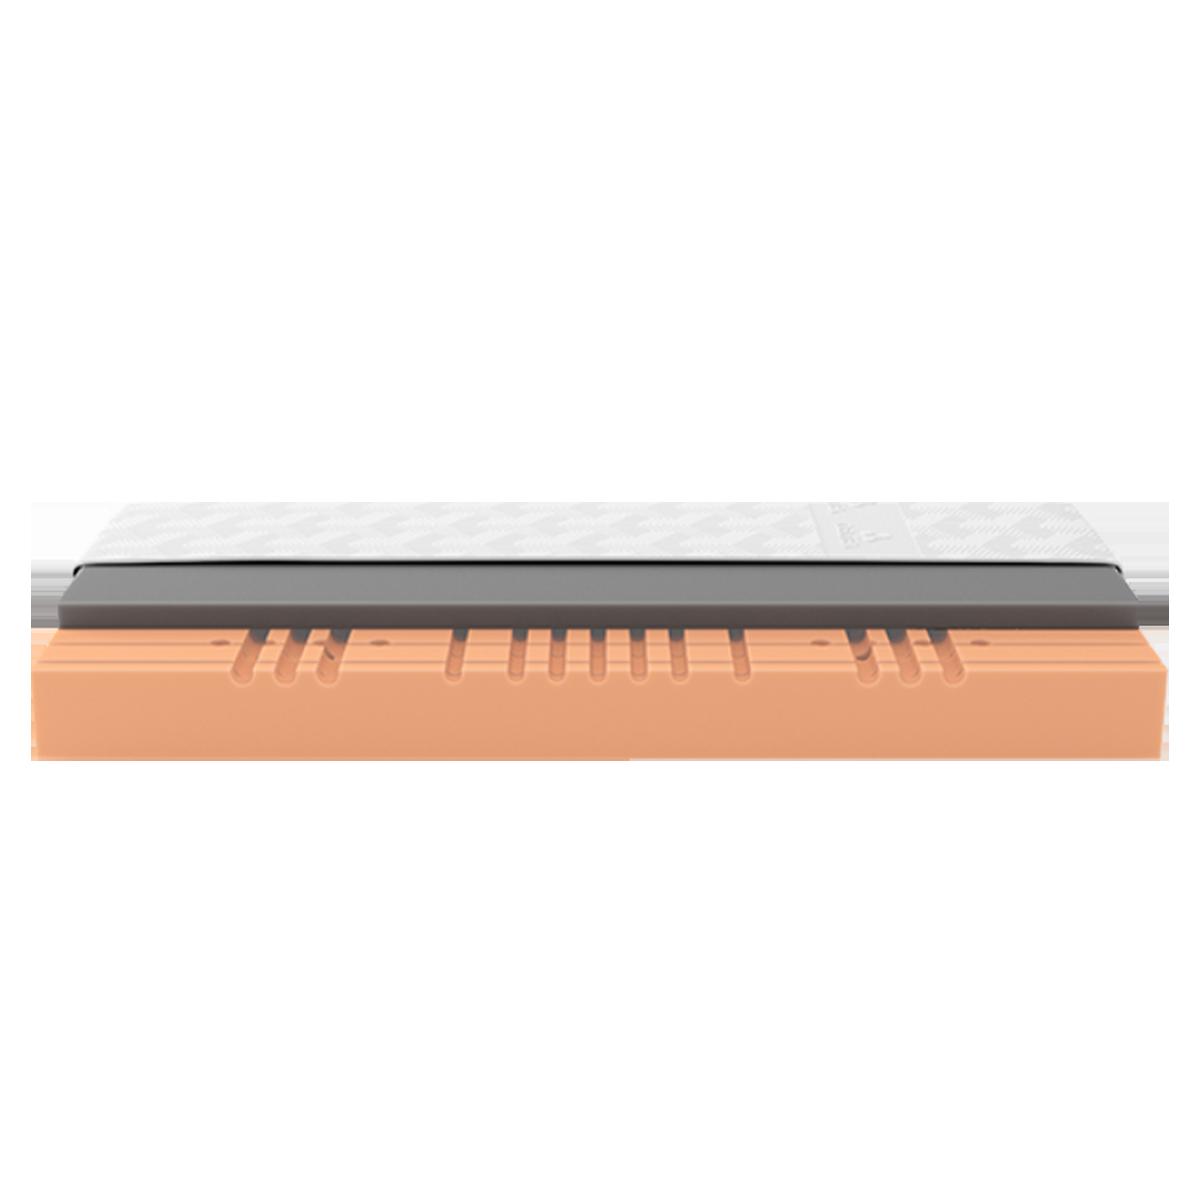 9cd020a2799eae kostenlose Lieferung ins deutsche Festland Schlaraffia Orange Z66 Geltex®  inside Matratze in verschiedenen Größen und Härtegraden